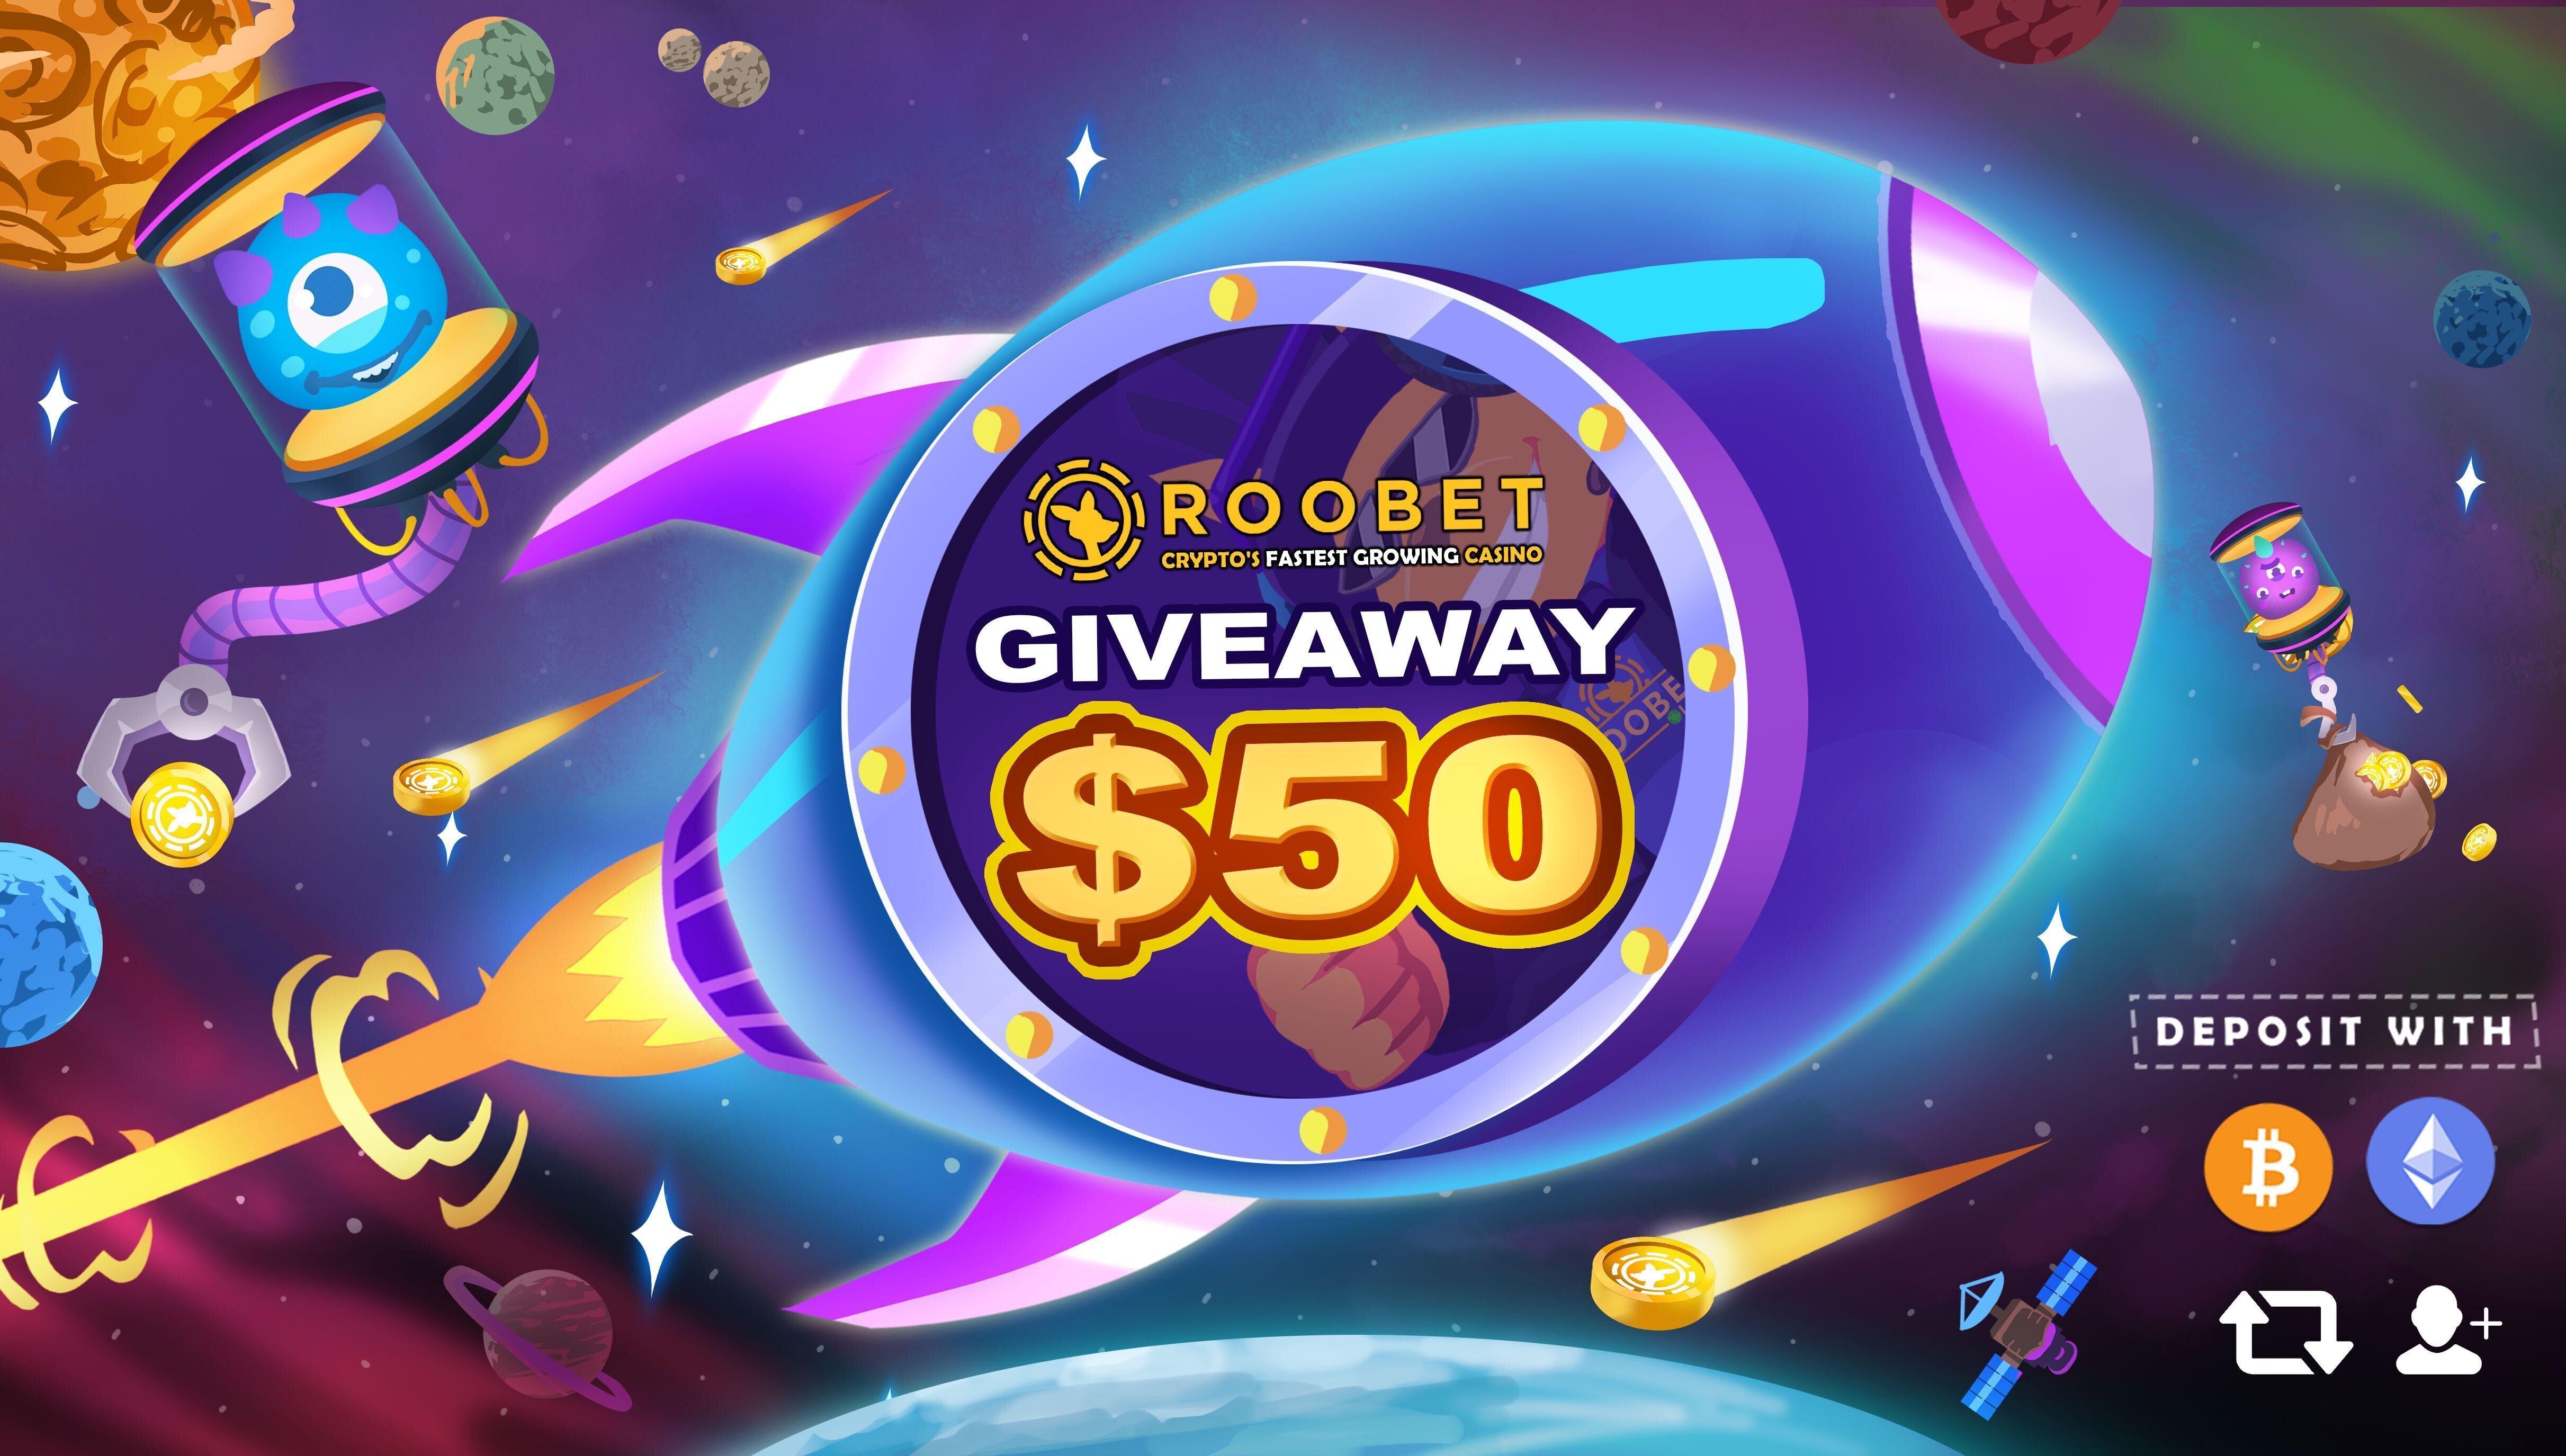 Roobet giveaway